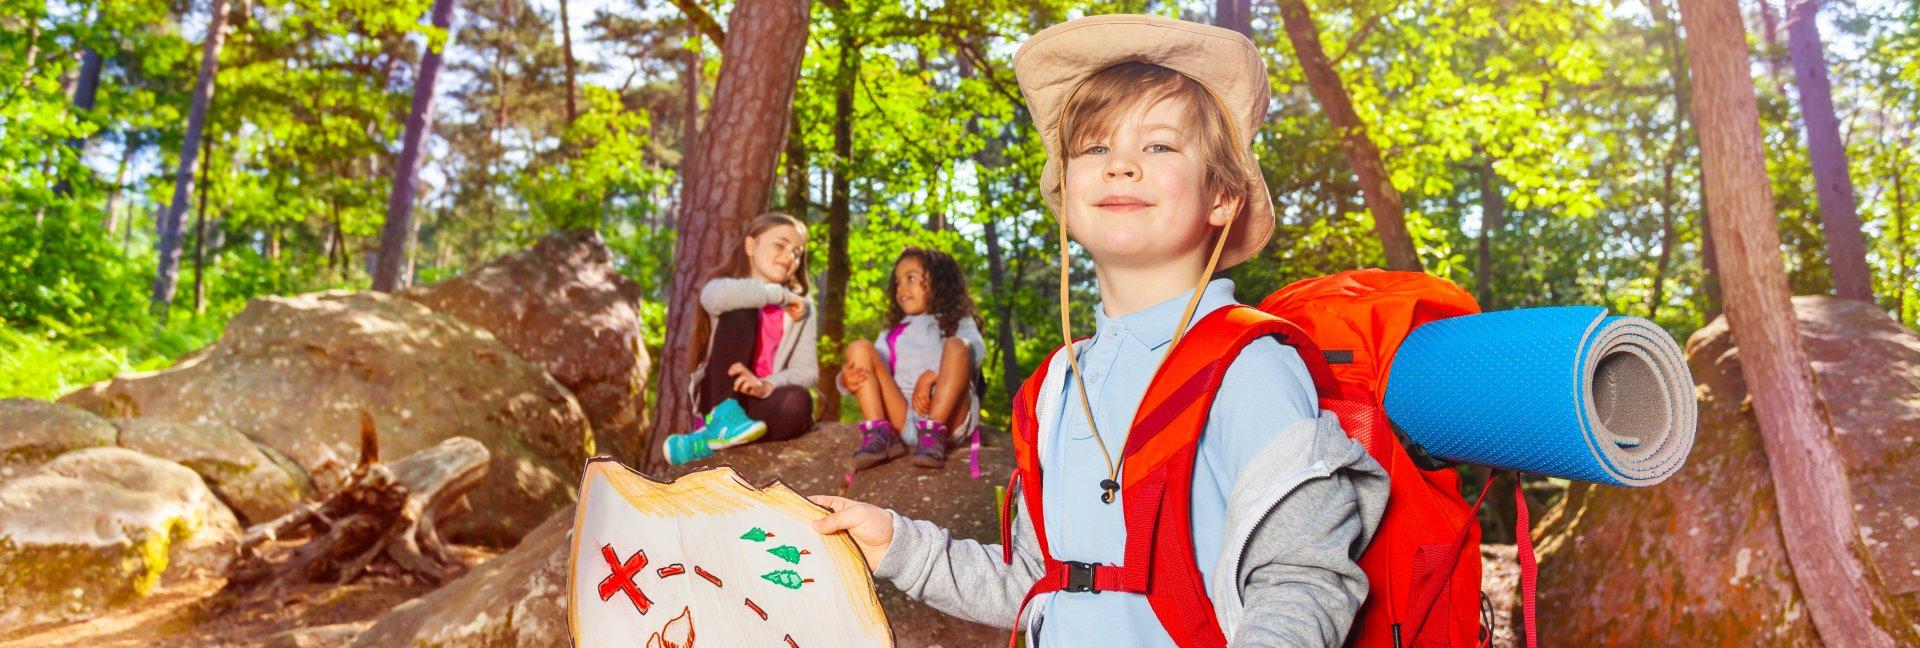 Poszukiwanie skarbów; zajęcia kreatywne; kino dla dzieci; koncert muzyki na żywo